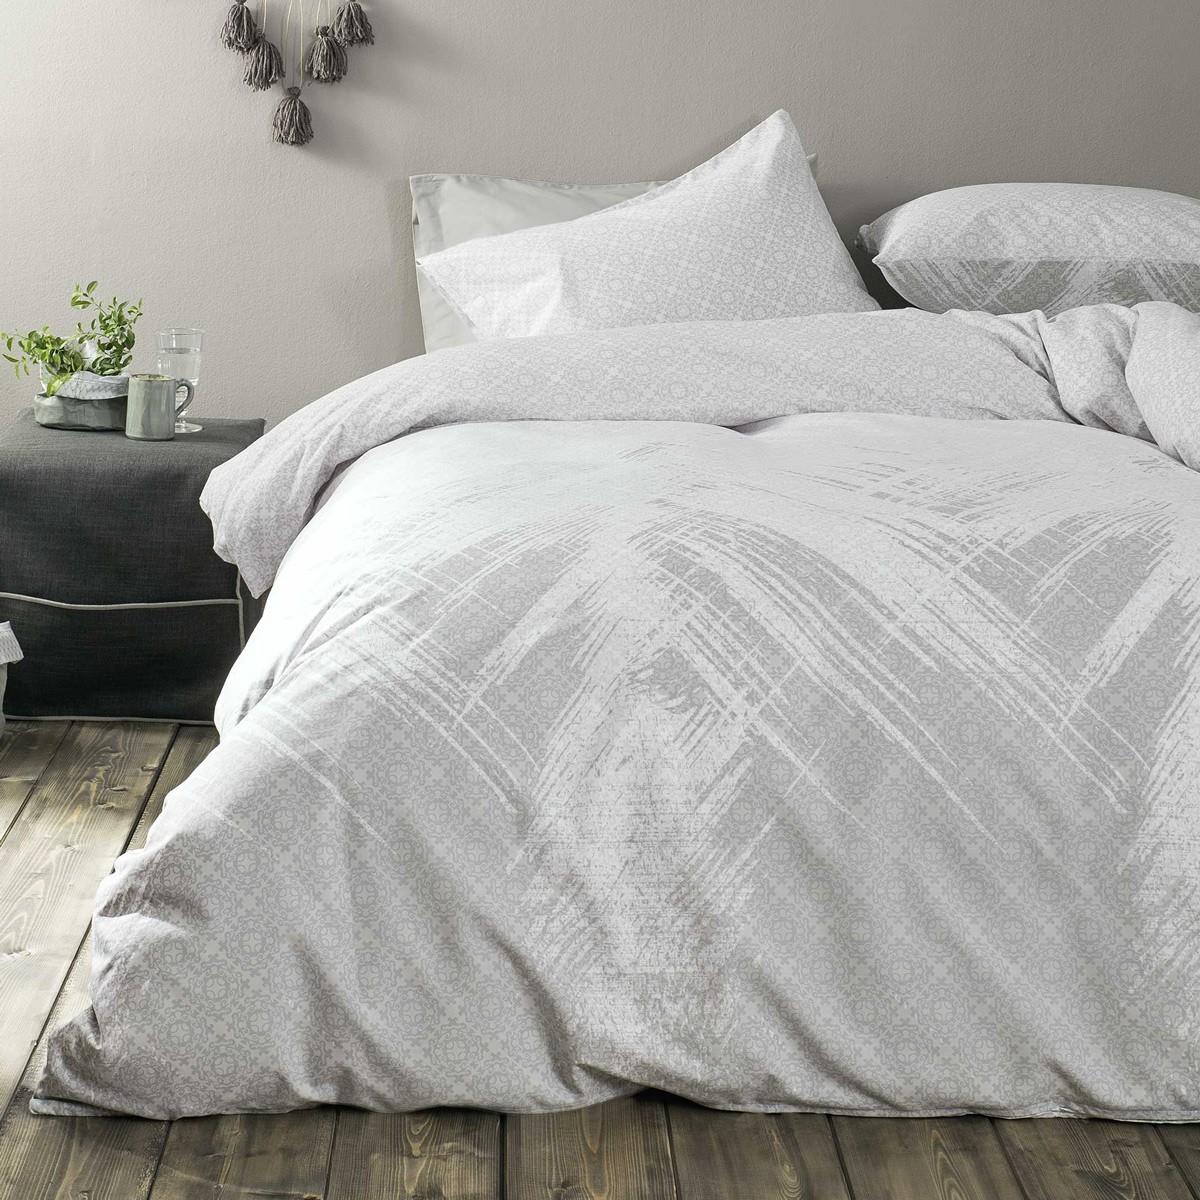 Σεντόνια Υπέρδιπλα (Σετ) Nima Bed Linen Portoro Grey ΧΩΡΙΣ ΛΑΣΤΙΧΟ ΧΩΡΙΣ ΛΑΣΤΙΧΟ